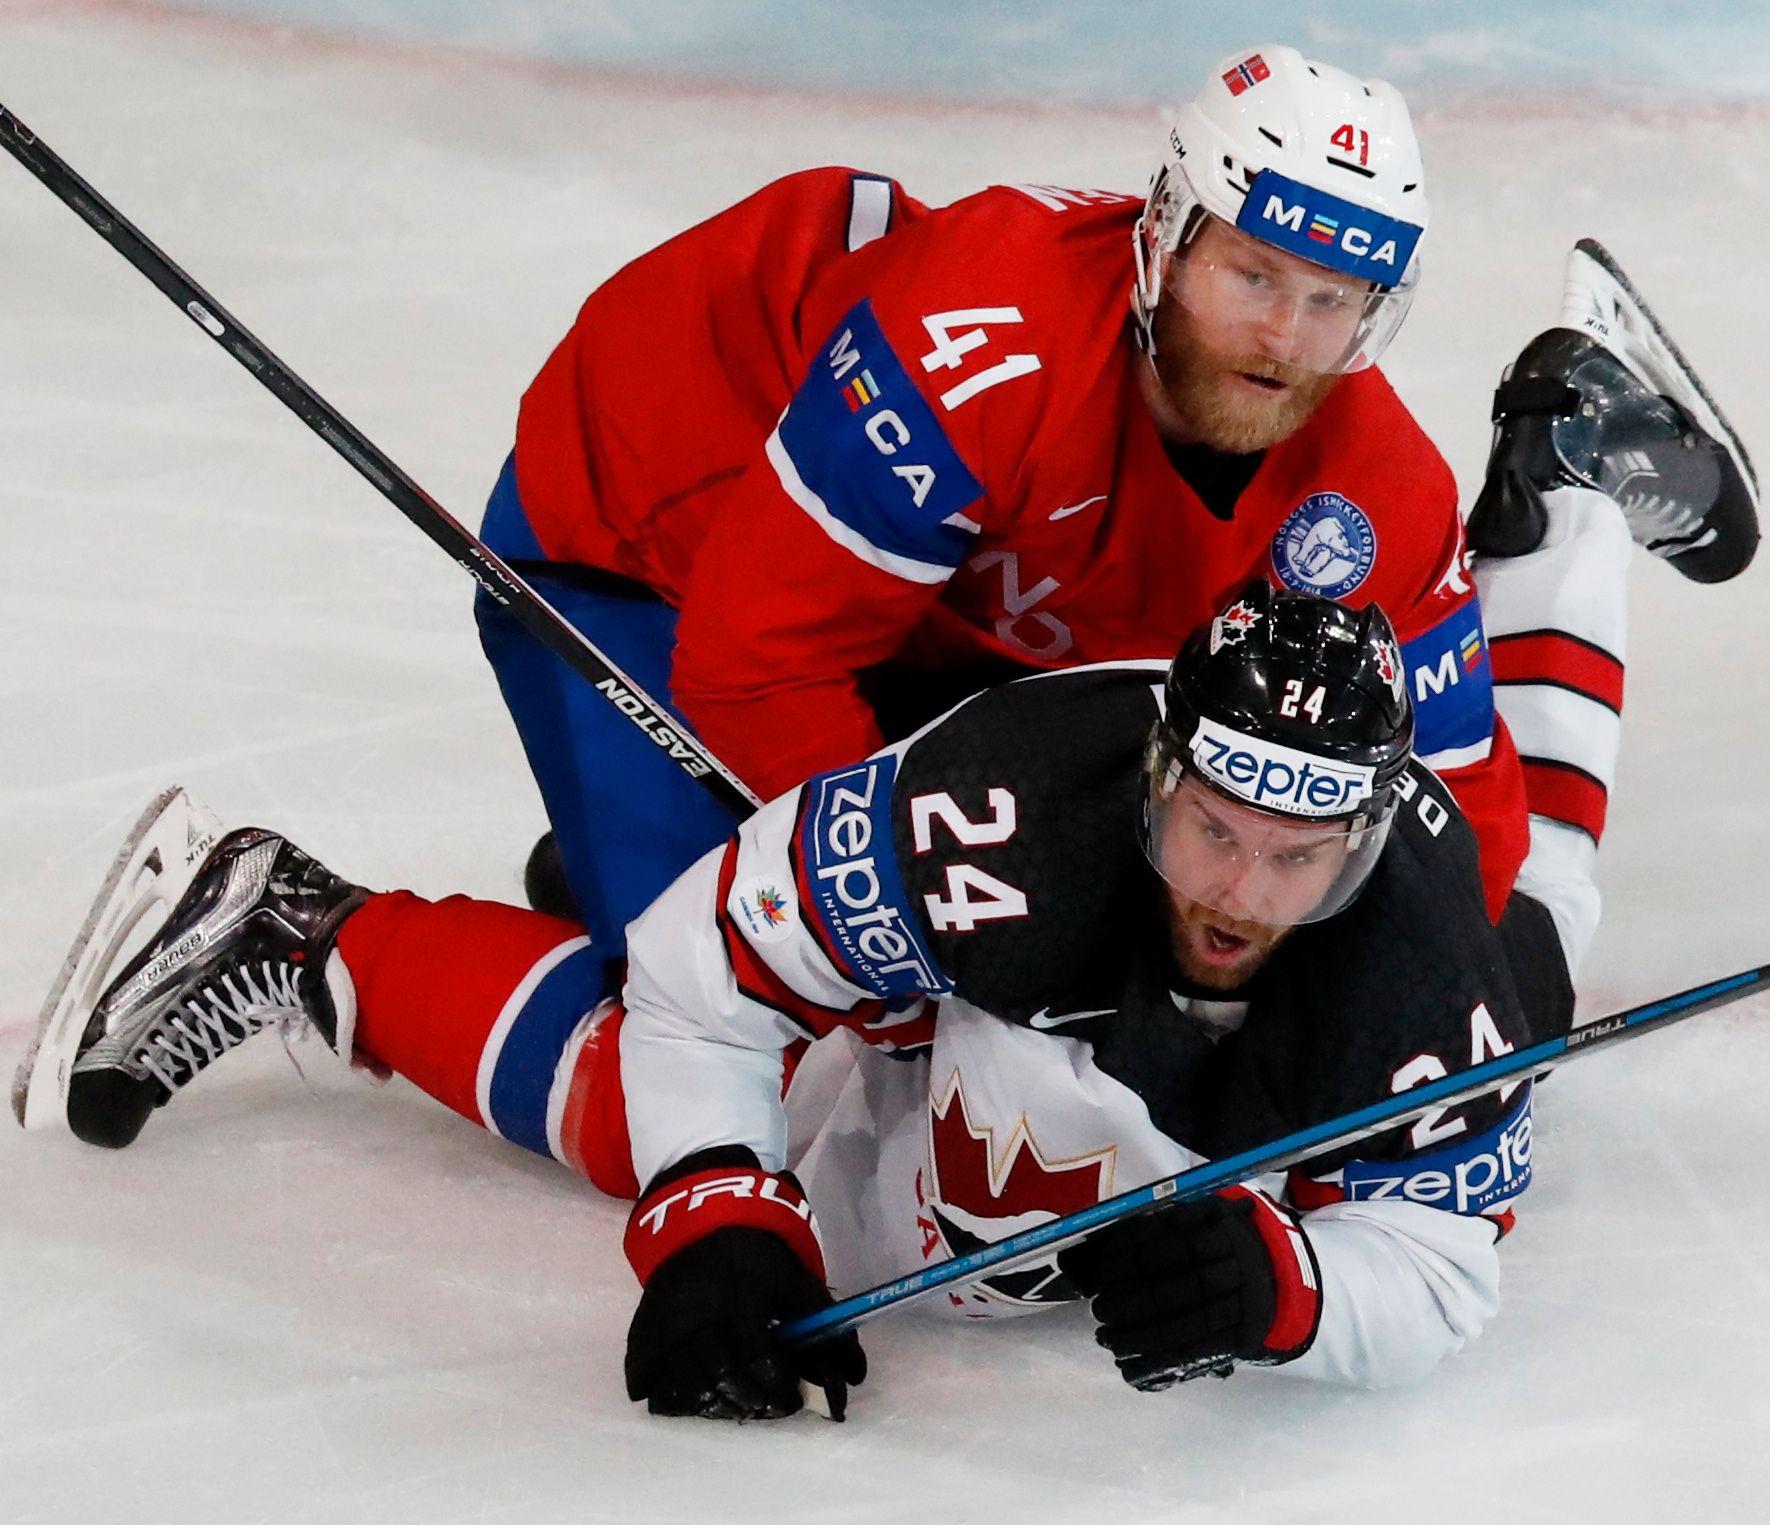 FINN ÉN FEIL: Patrick Thoresen (34) er etter Mats Zuccarello (30) Norges mest suksessrike ishockeyspiller. Zucca er allerede uaktuell for OL, mens Thoresen kan bli det i morgen, tirsdag 5. desember. Bildet er fra Norge-Canada i VM i mai.